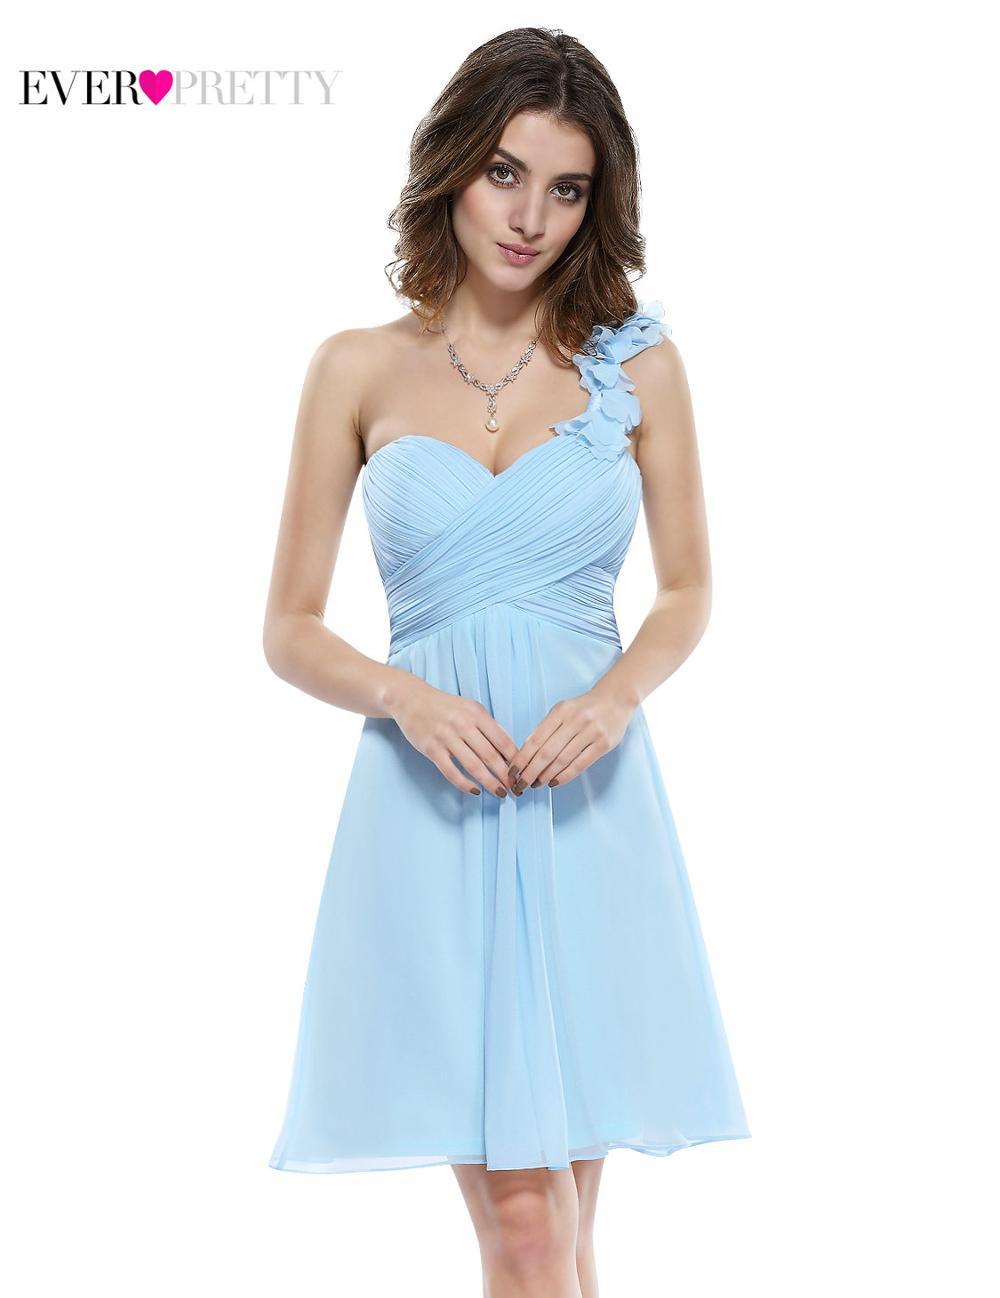 Сексуальная одно плечо шифон мода привет низкий вечерние платья HE08100CO больше цвета мода свадебные платья - Цвет: EP03535BL